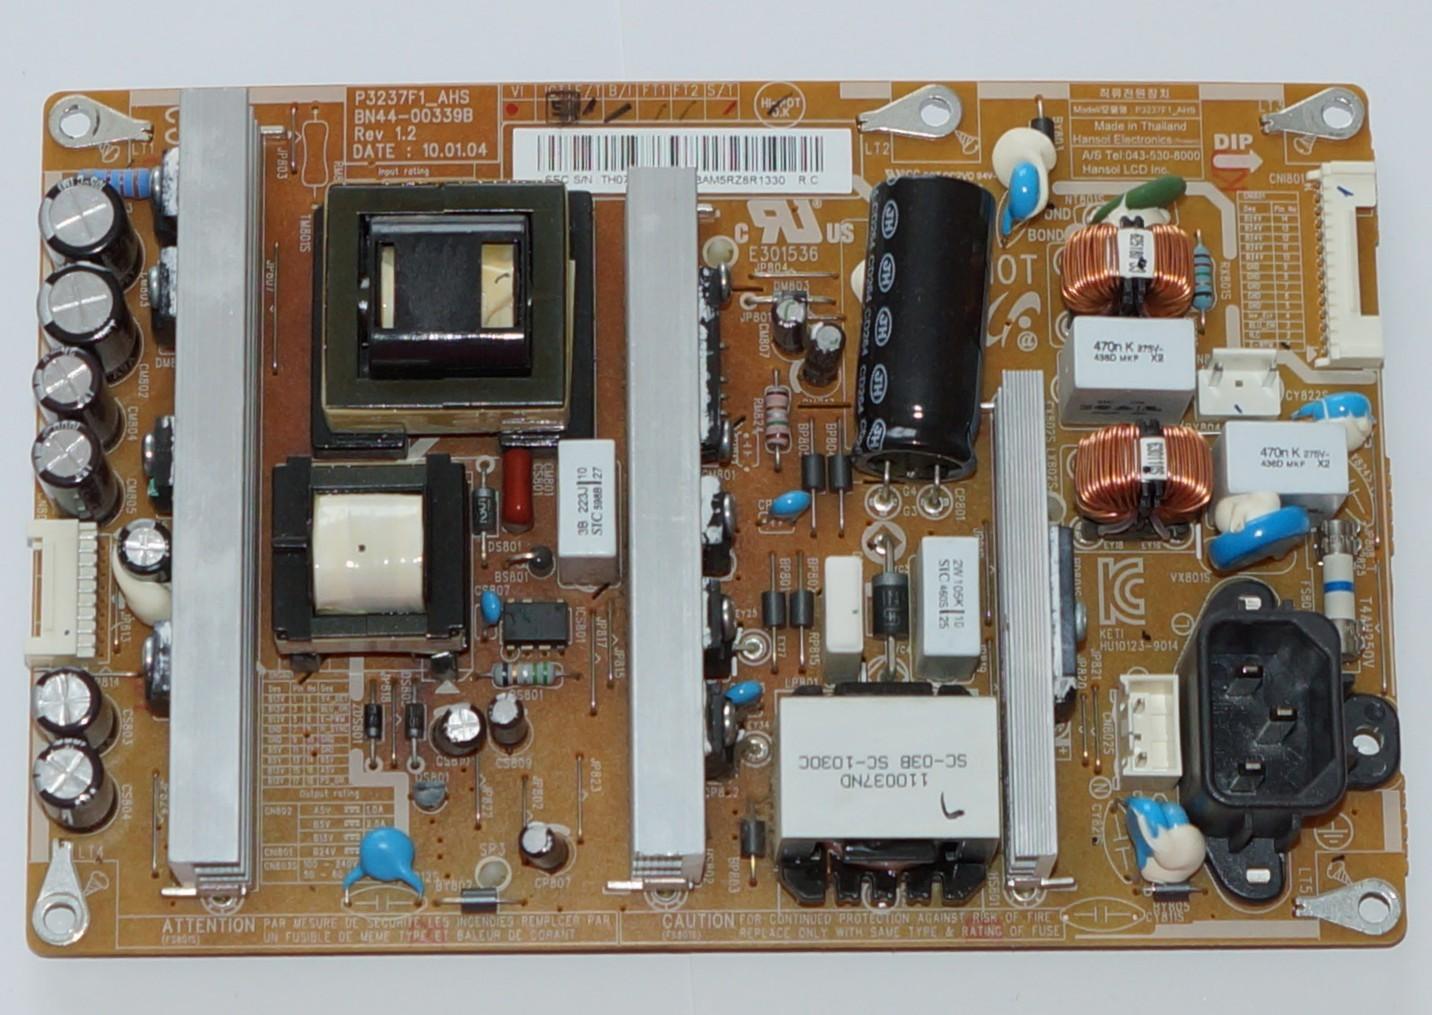 BN44-00339B